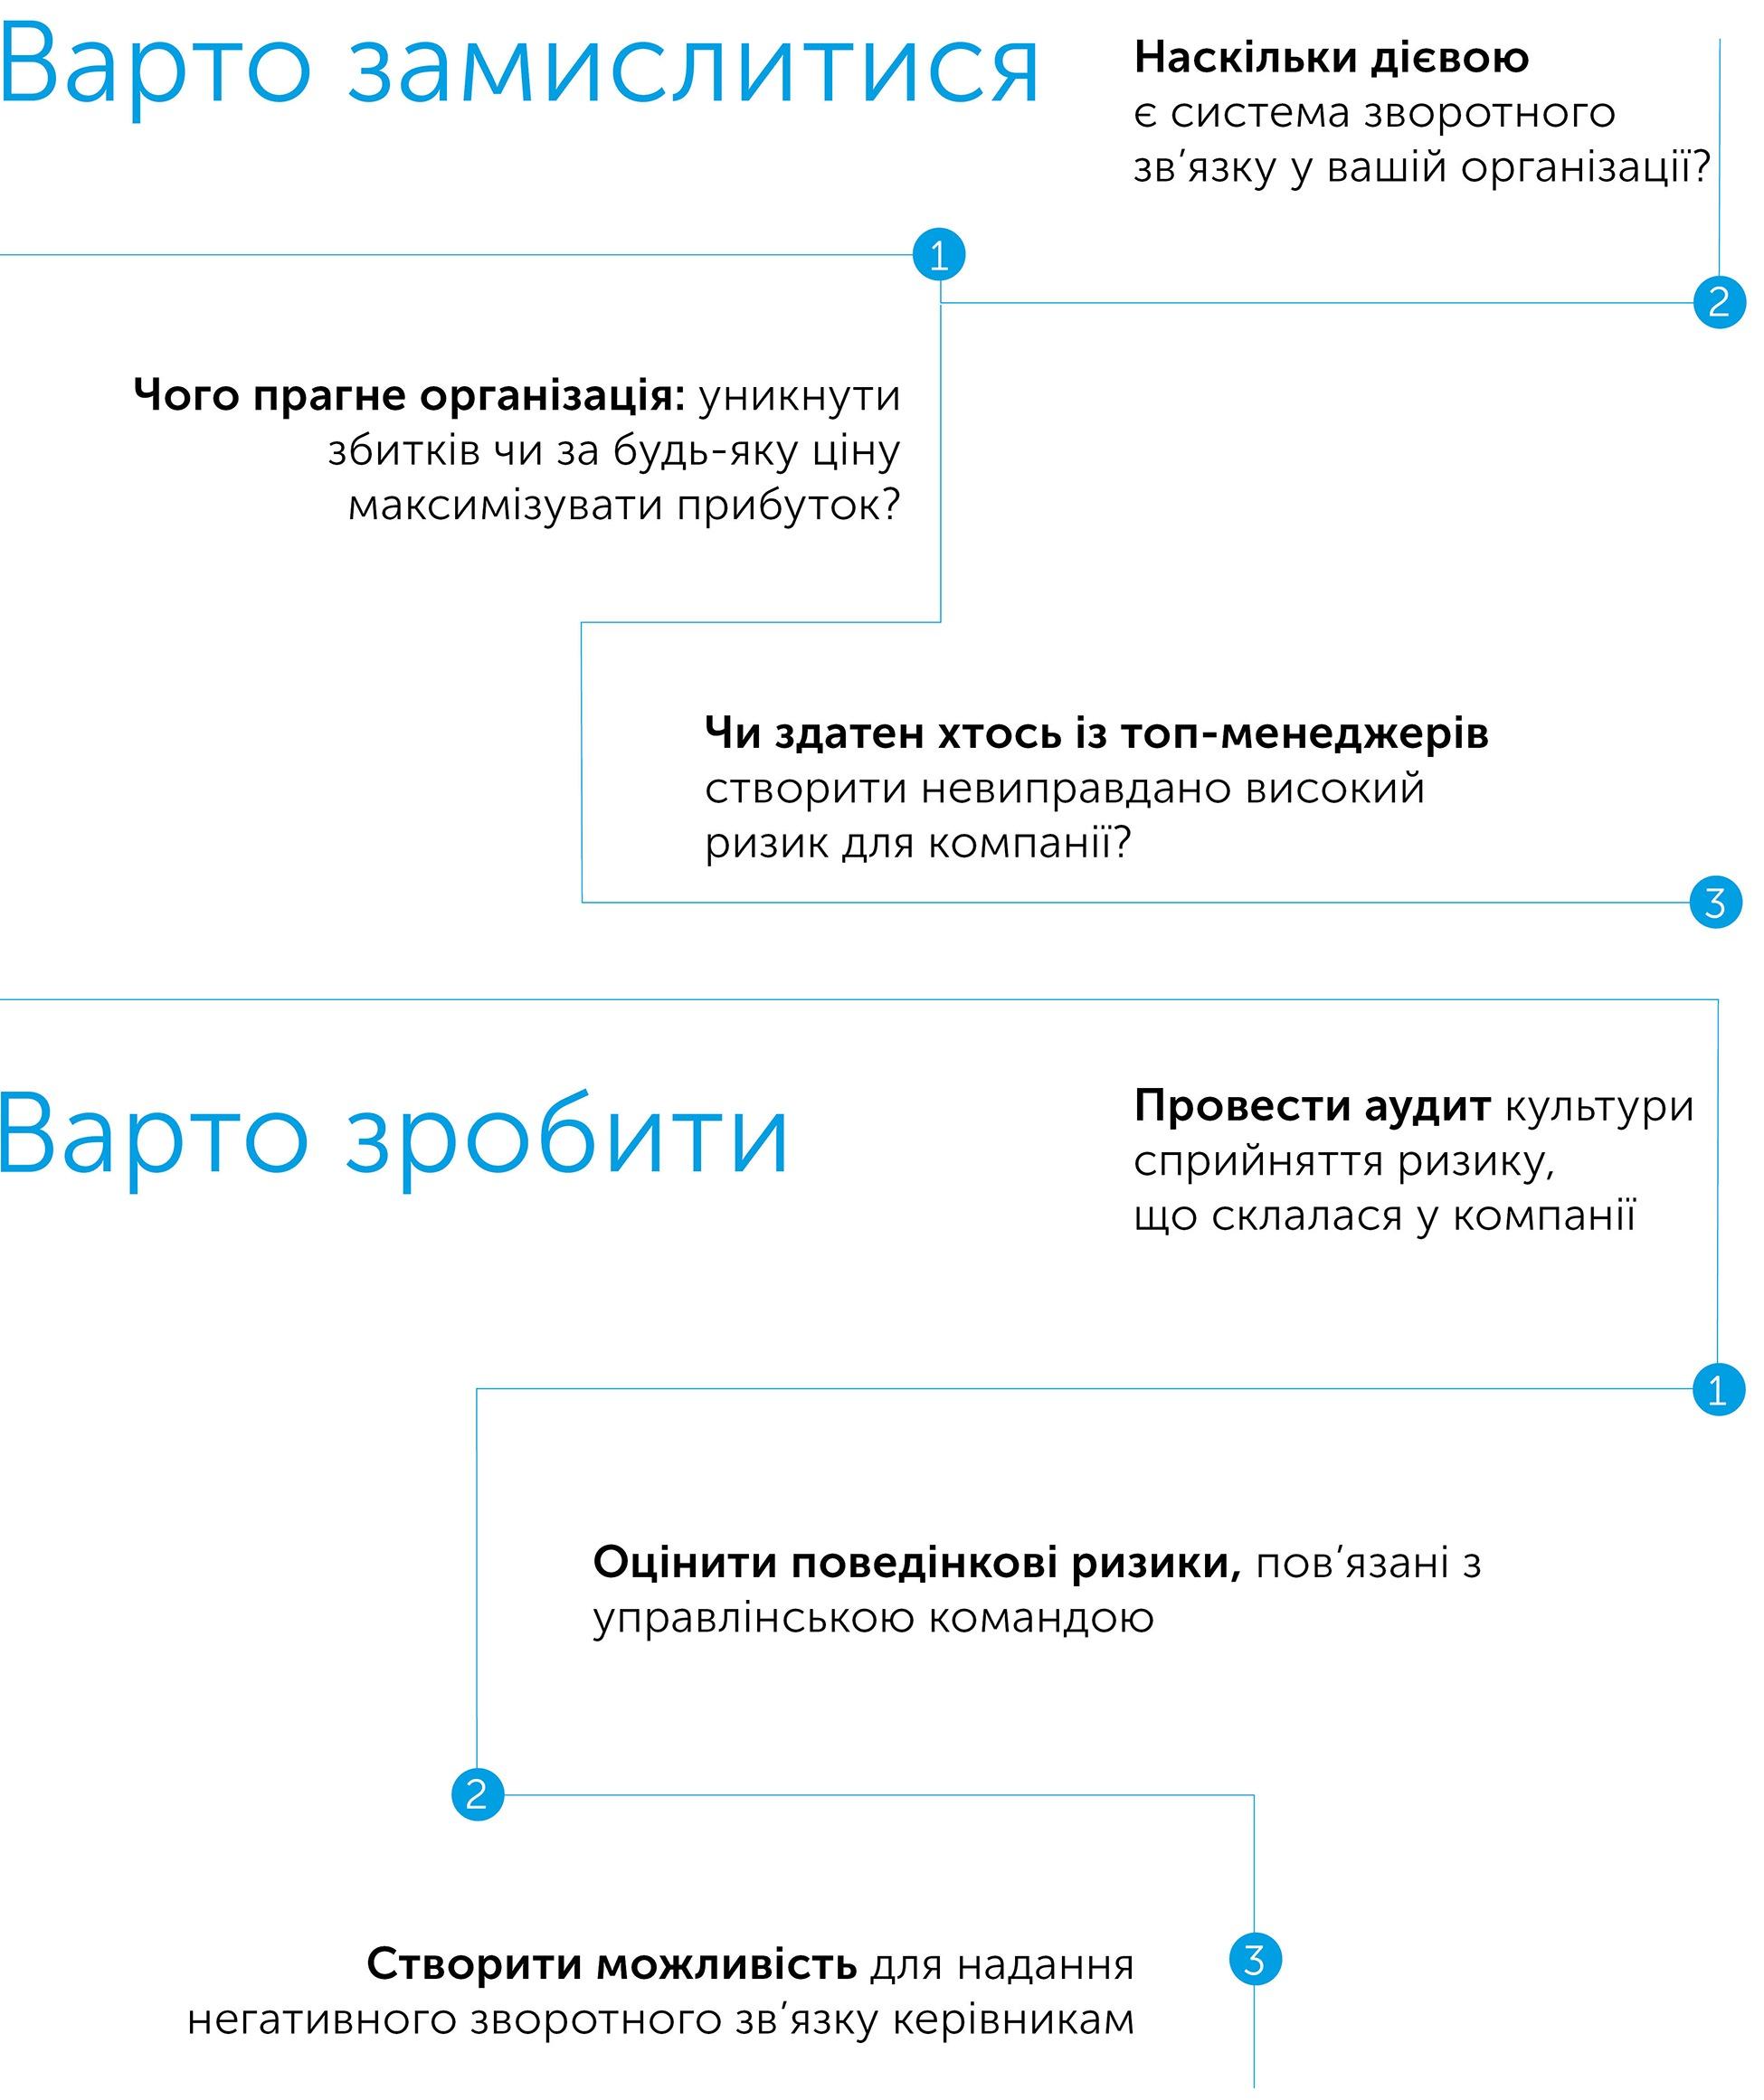 Адаптивні ринки, автор Ендрю Ло | Kyivstar Business Hub, зображення №4